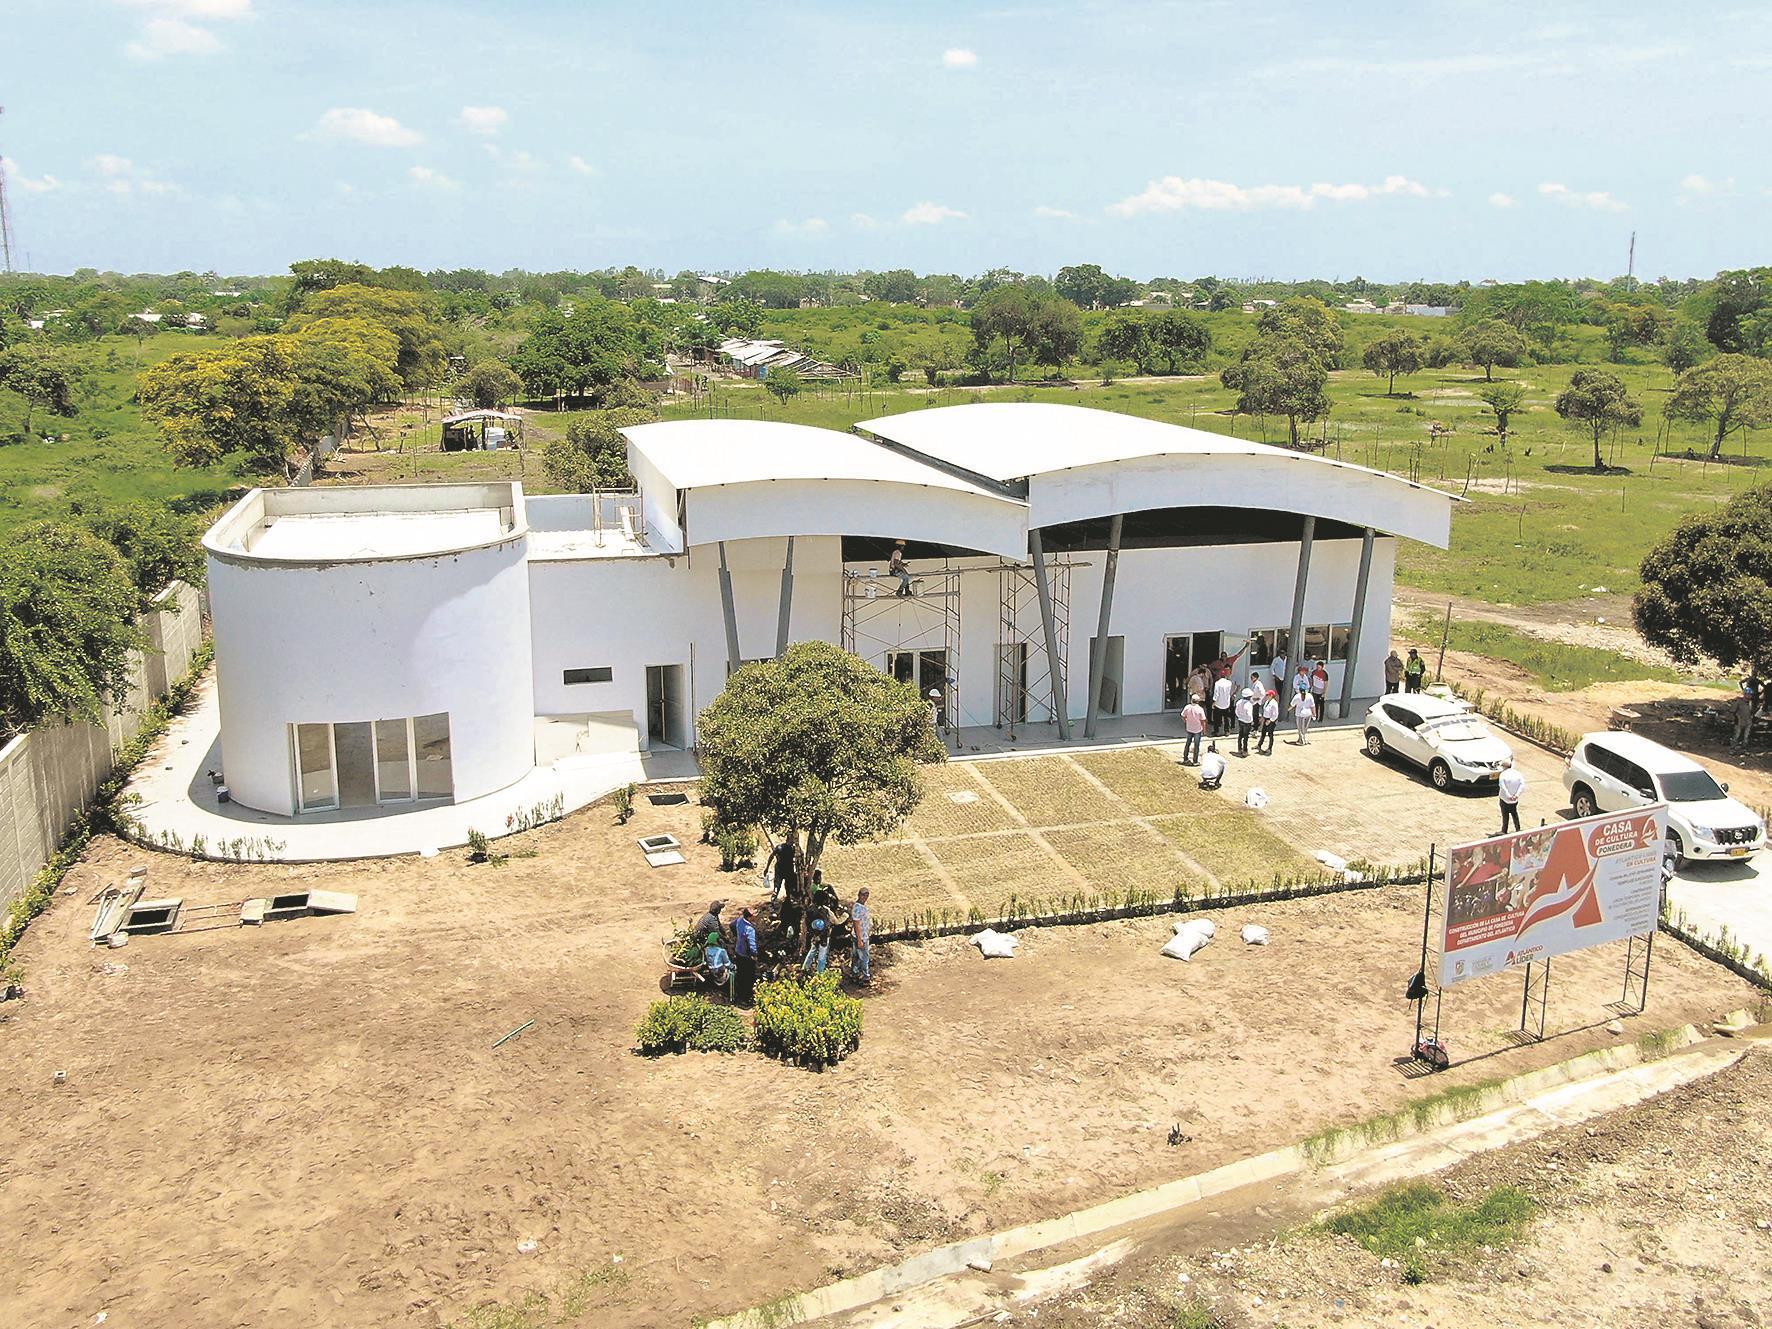 Fachada de la Casa de la Cultura en Ponedera que tuvo una inversión de 1.266 millones de pesos.